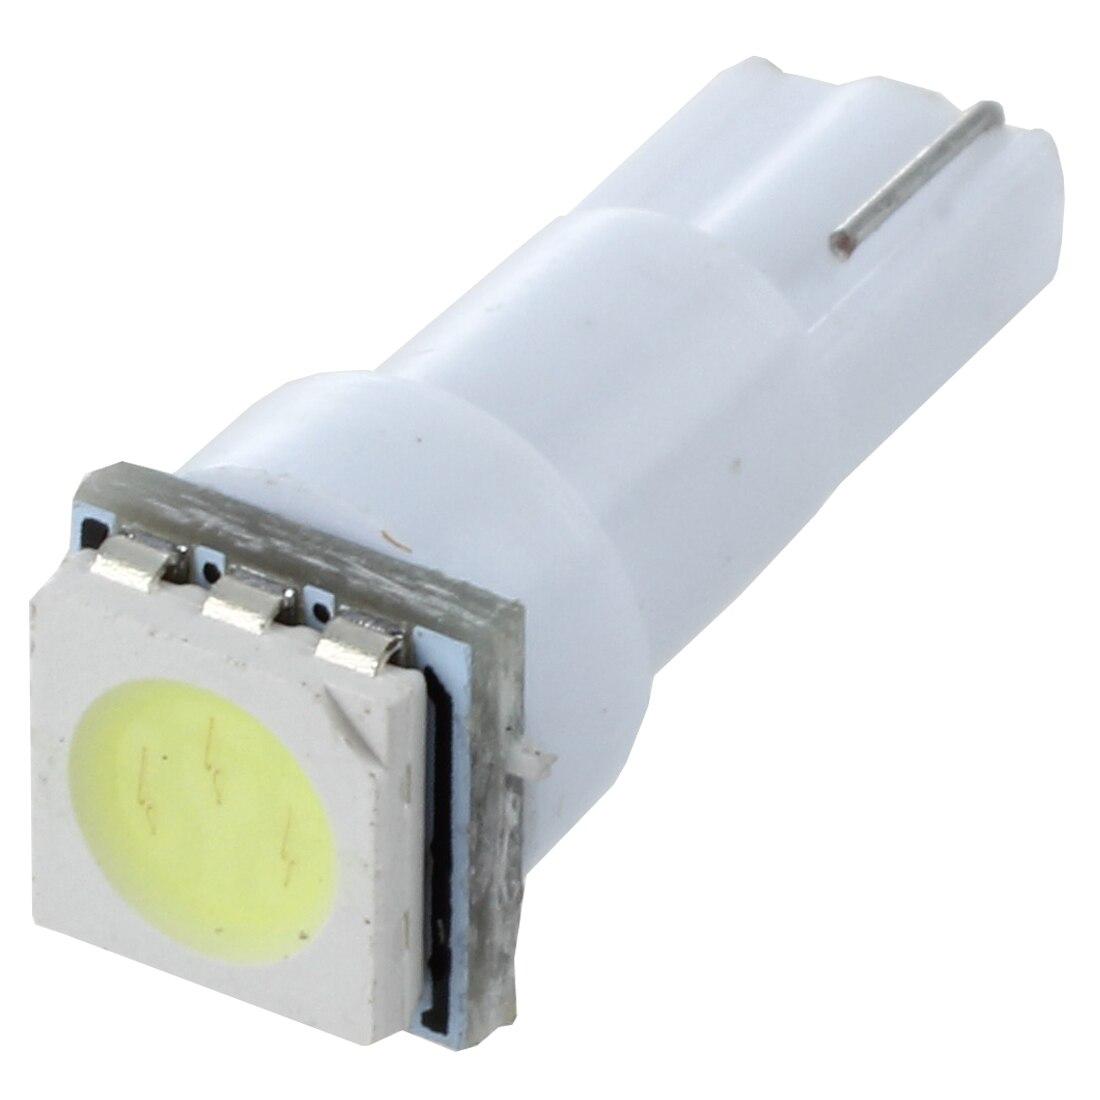 10X Car T5 5050 SMD Dashboard White 1-LED bulbs light lamp 74 37 286 18 27 12v